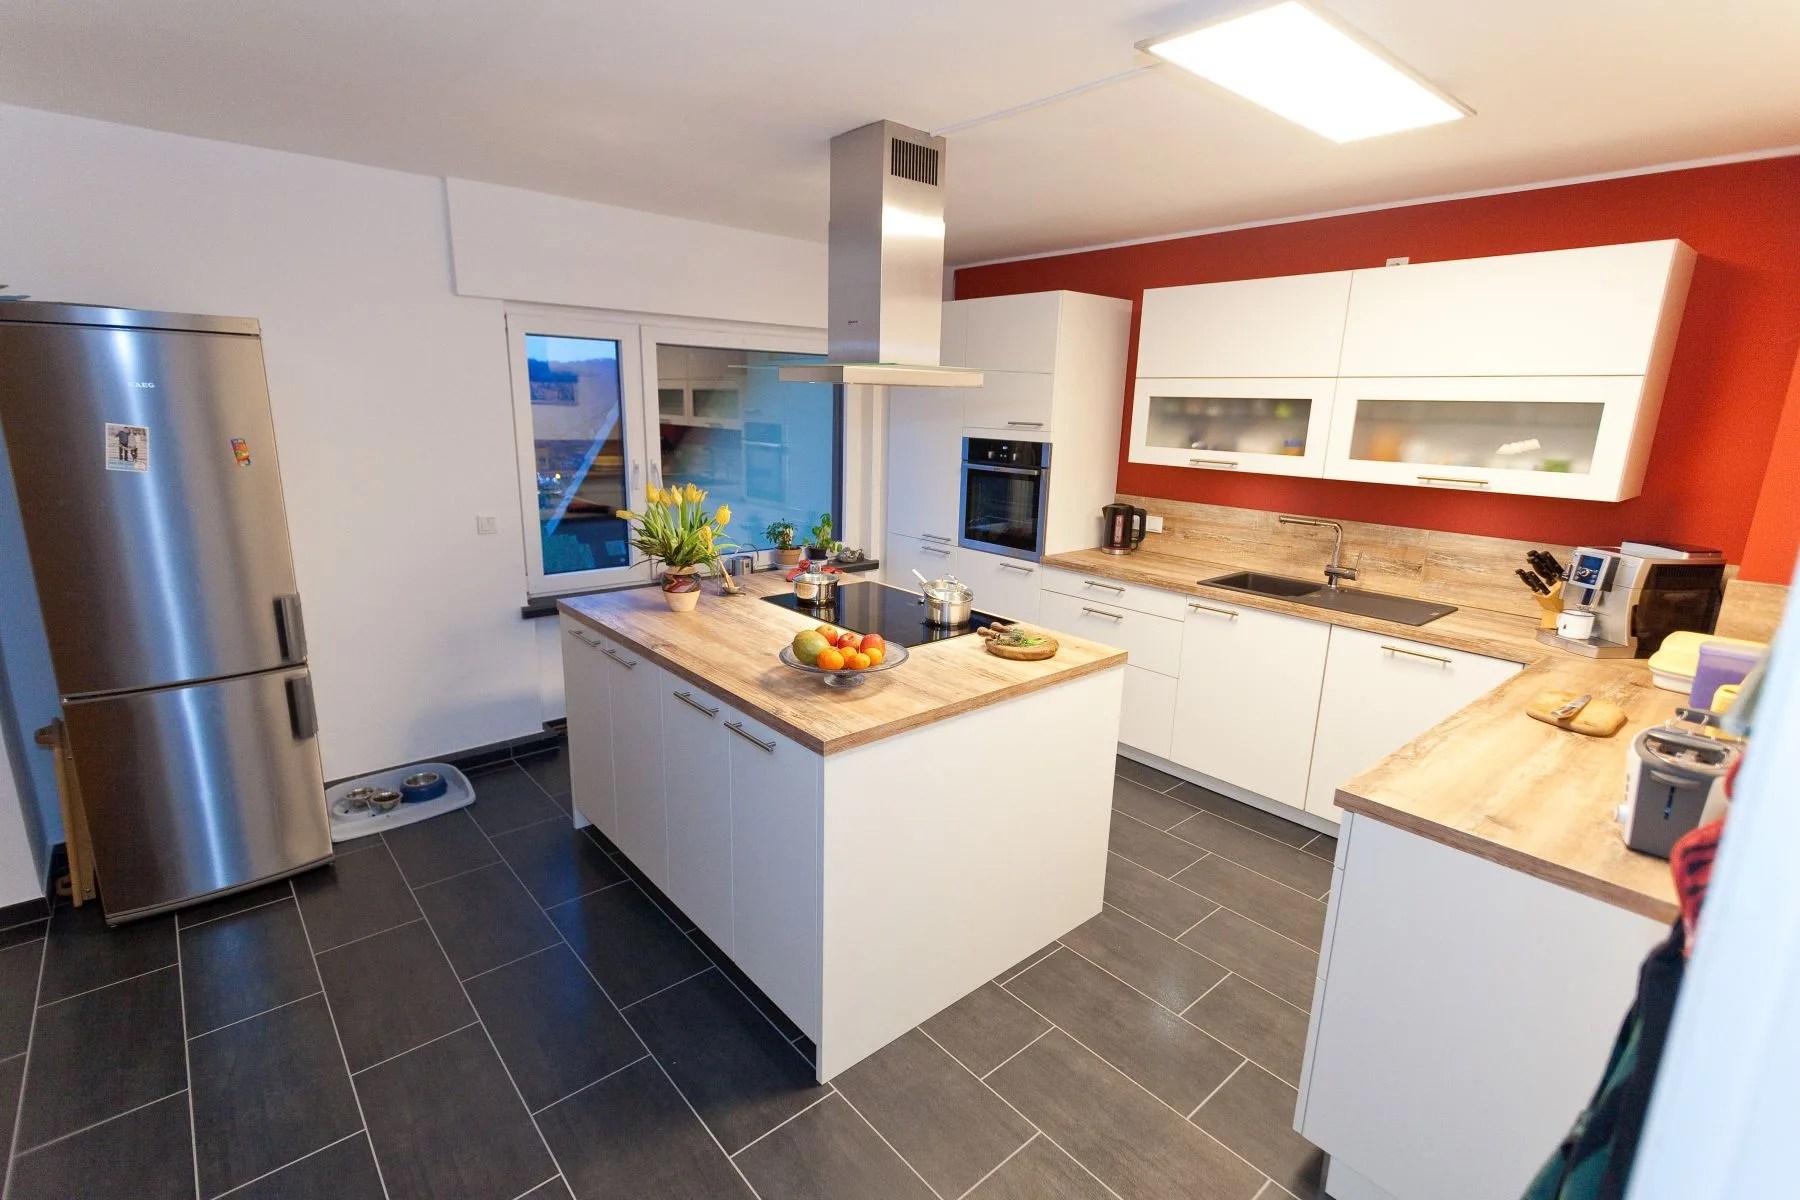 Fußboden Holz Weiß ~ Bodenbelag aus marmor und holz in einem modernen haus